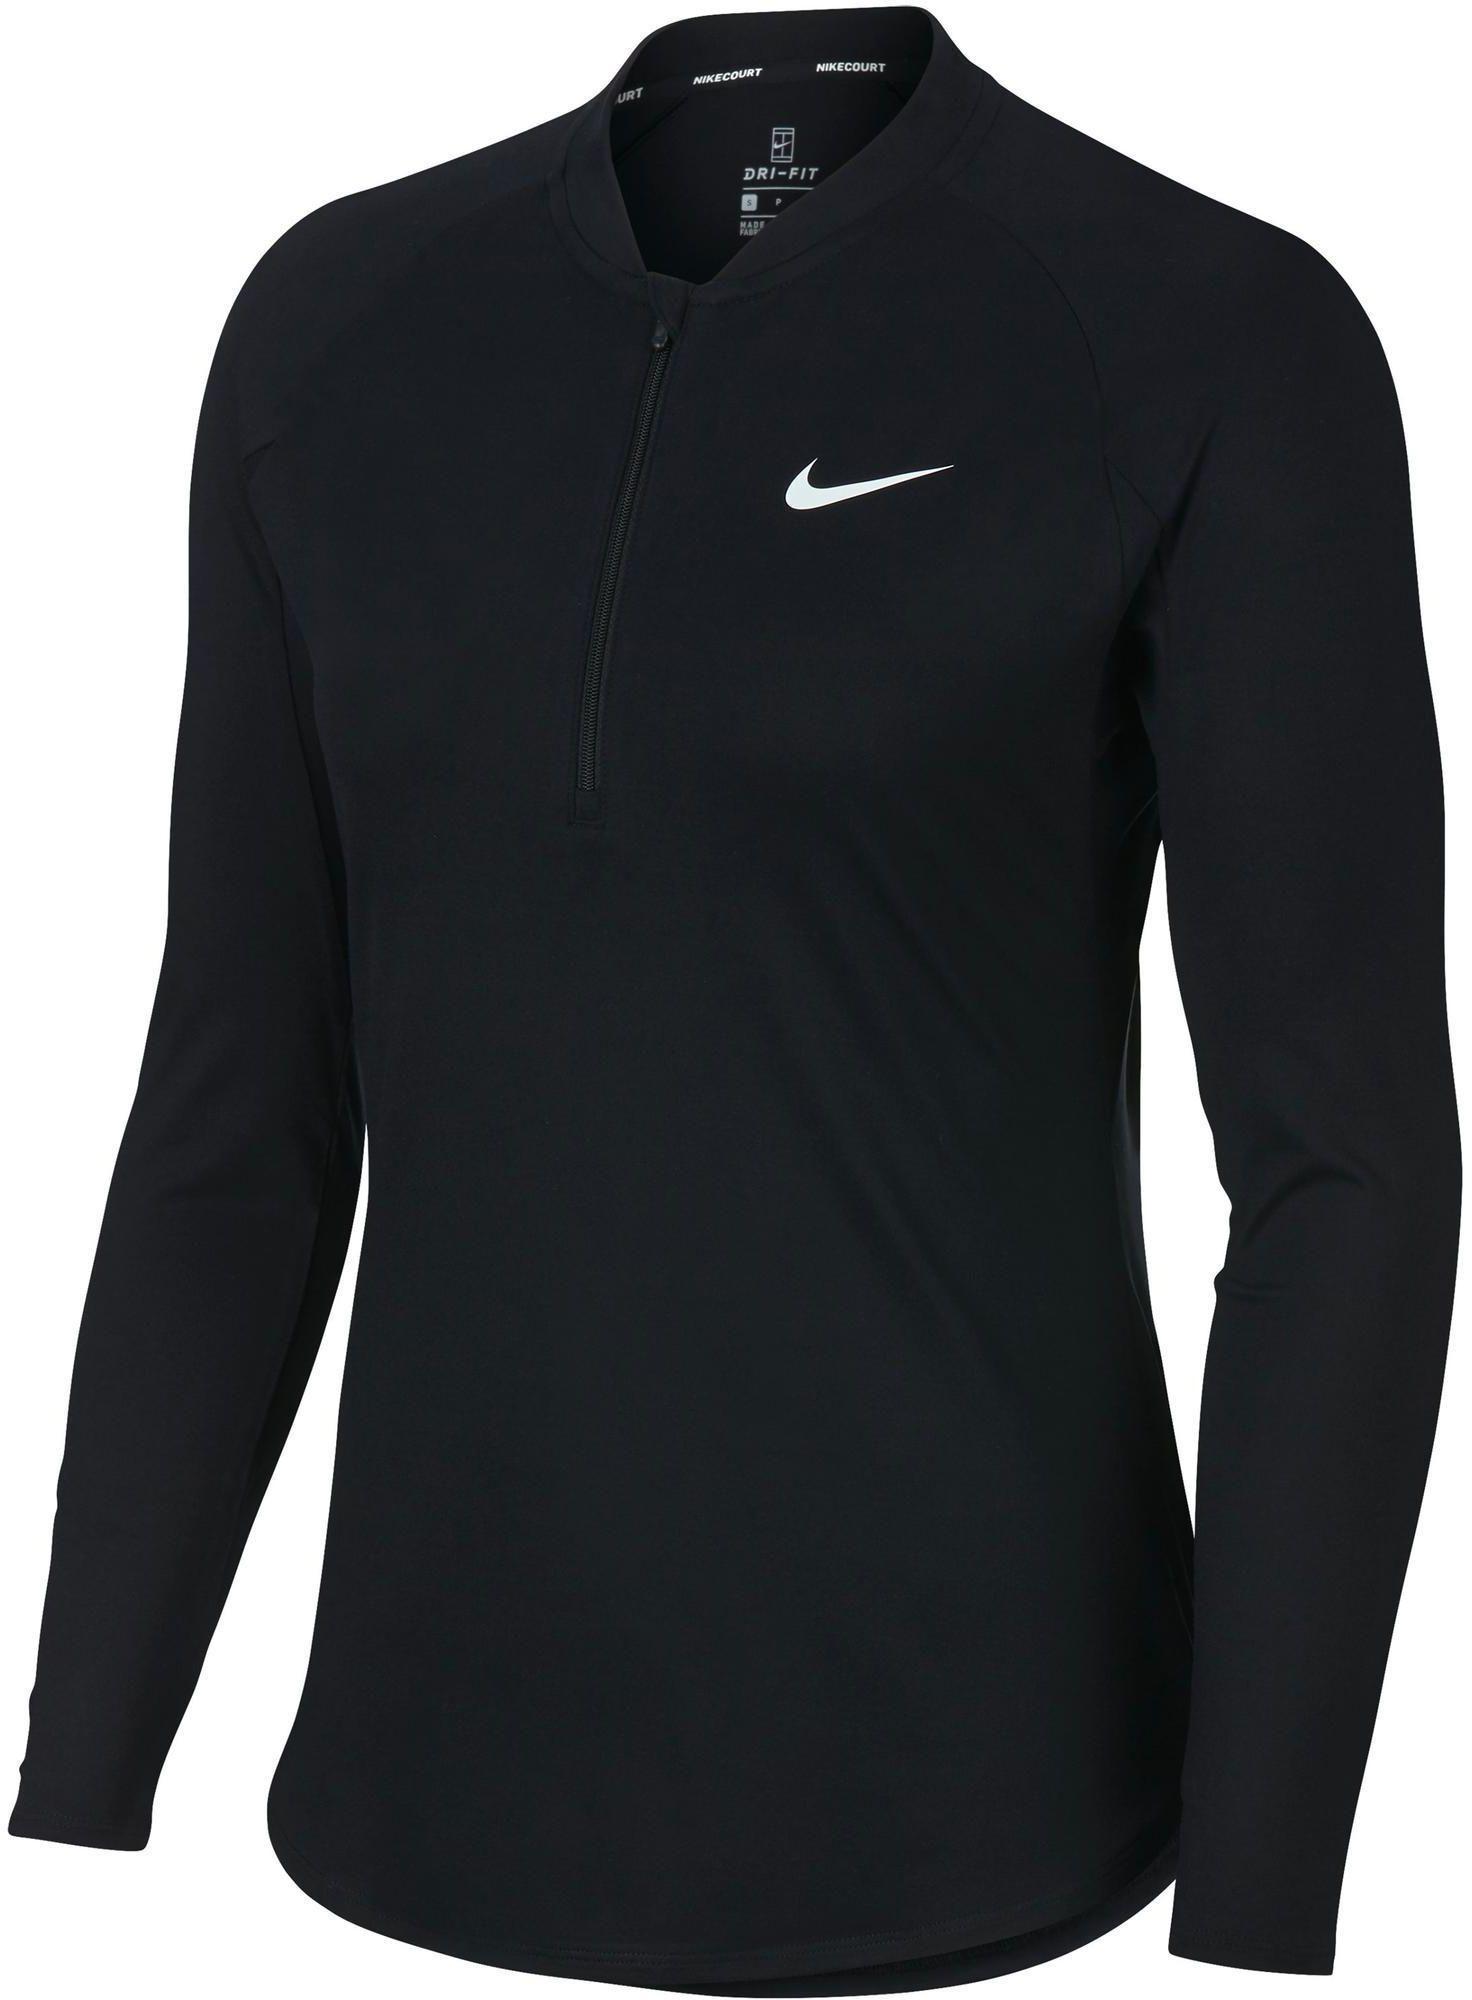 T-Shirt tenisowy Nike Dry Fit Pure damski z długim rękawem